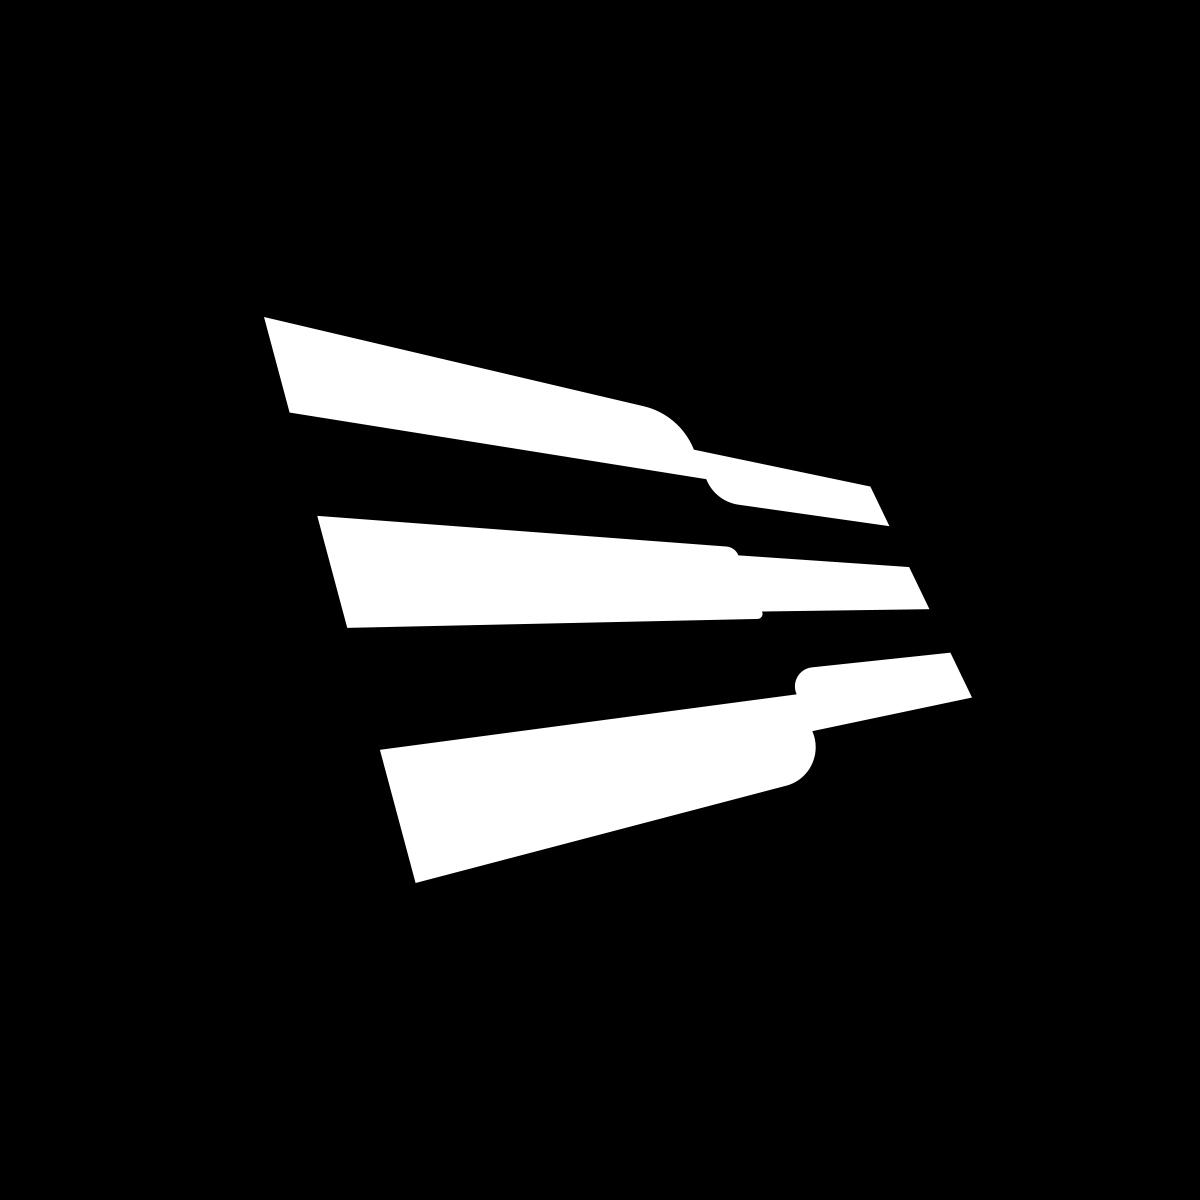 diskoverco's avatar